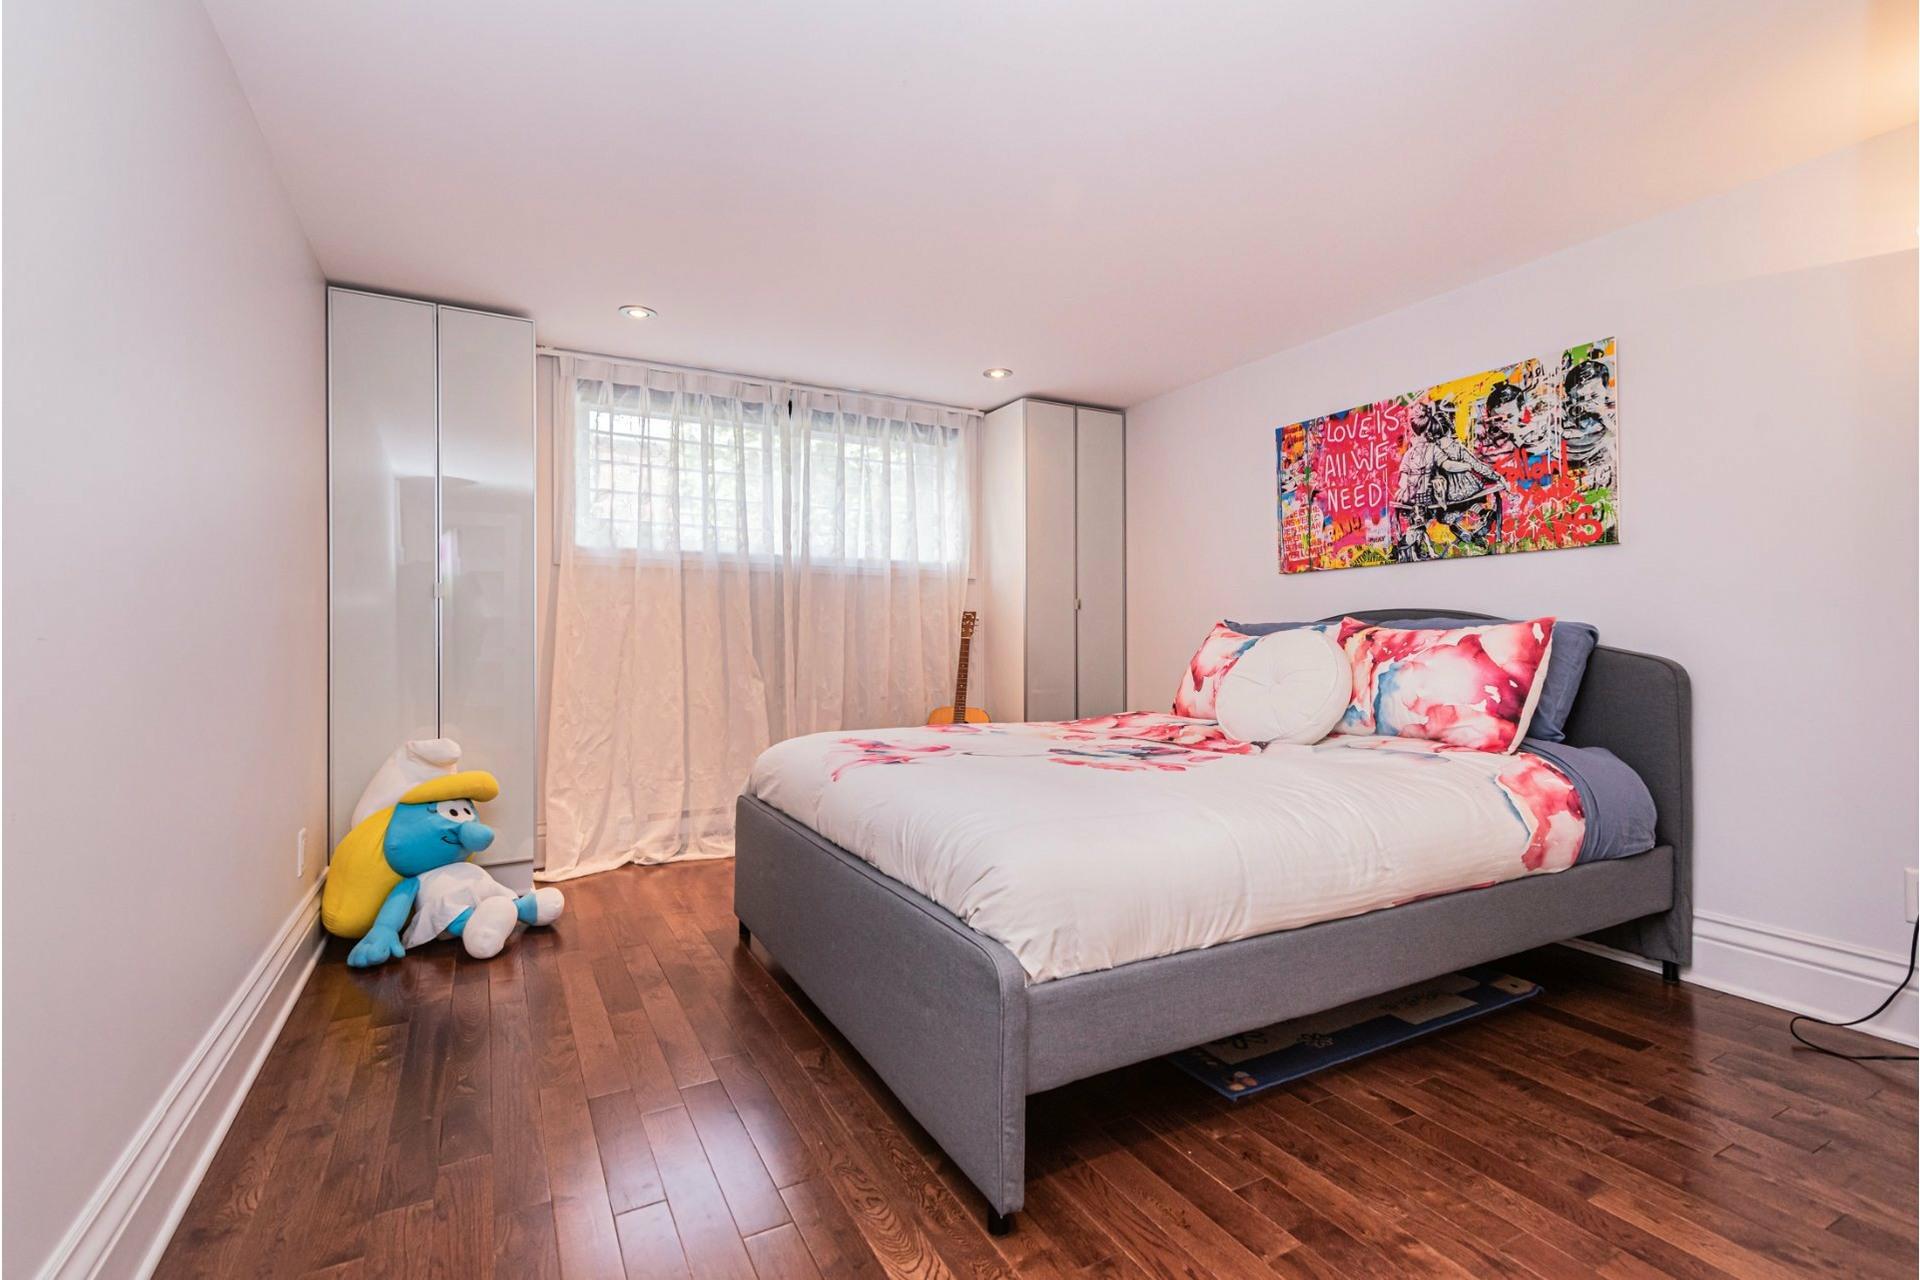 image 28 - Appartement À vendre Côte-des-Neiges/Notre-Dame-de-Grâce Montréal  - 10 pièces